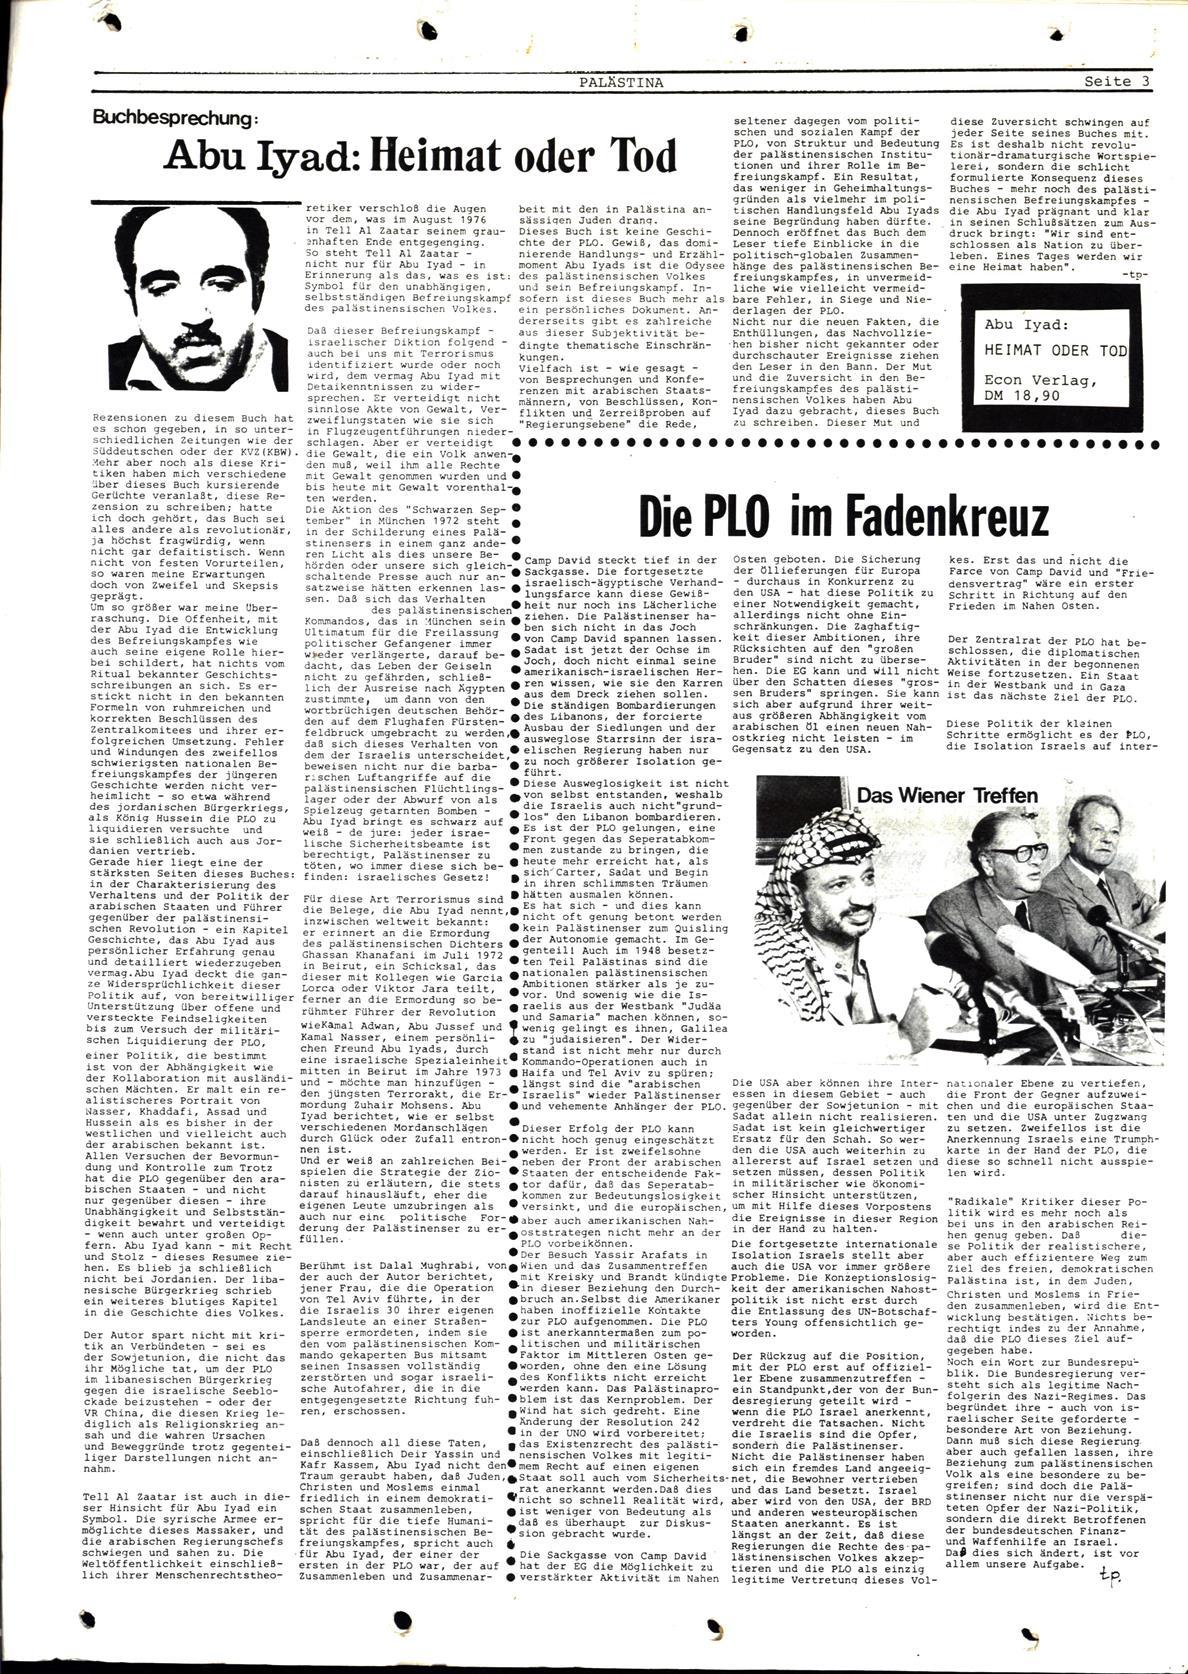 Bonner_Volksblatt_27_19790828_03